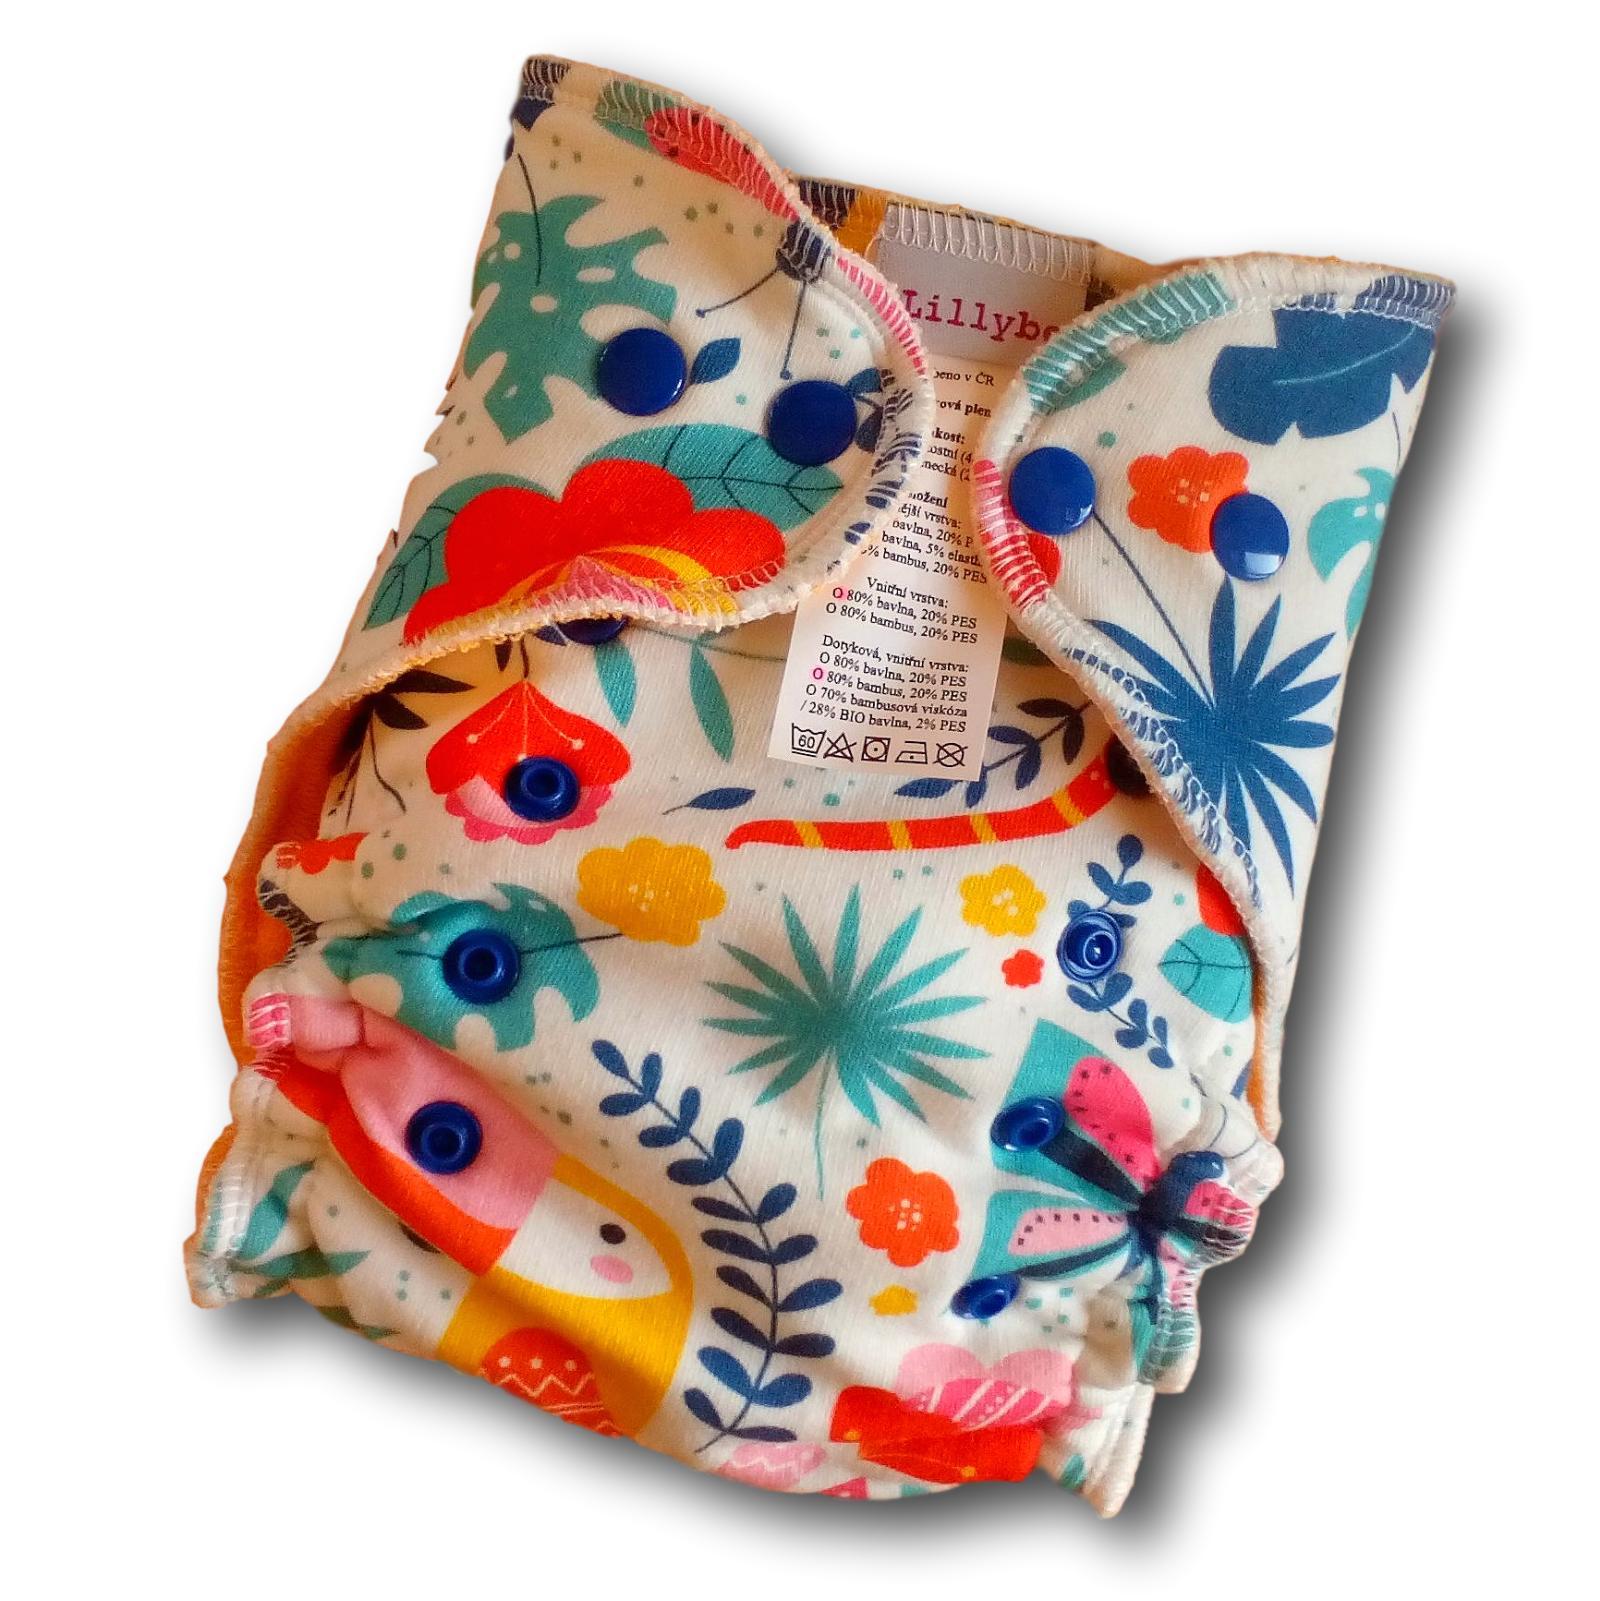 Kalhotová plena Lillybe na patentky - barevná džungle (Jednovelikostní kalhotová plena NOVÁ - obsahuje dlouhou vkládací plenu)